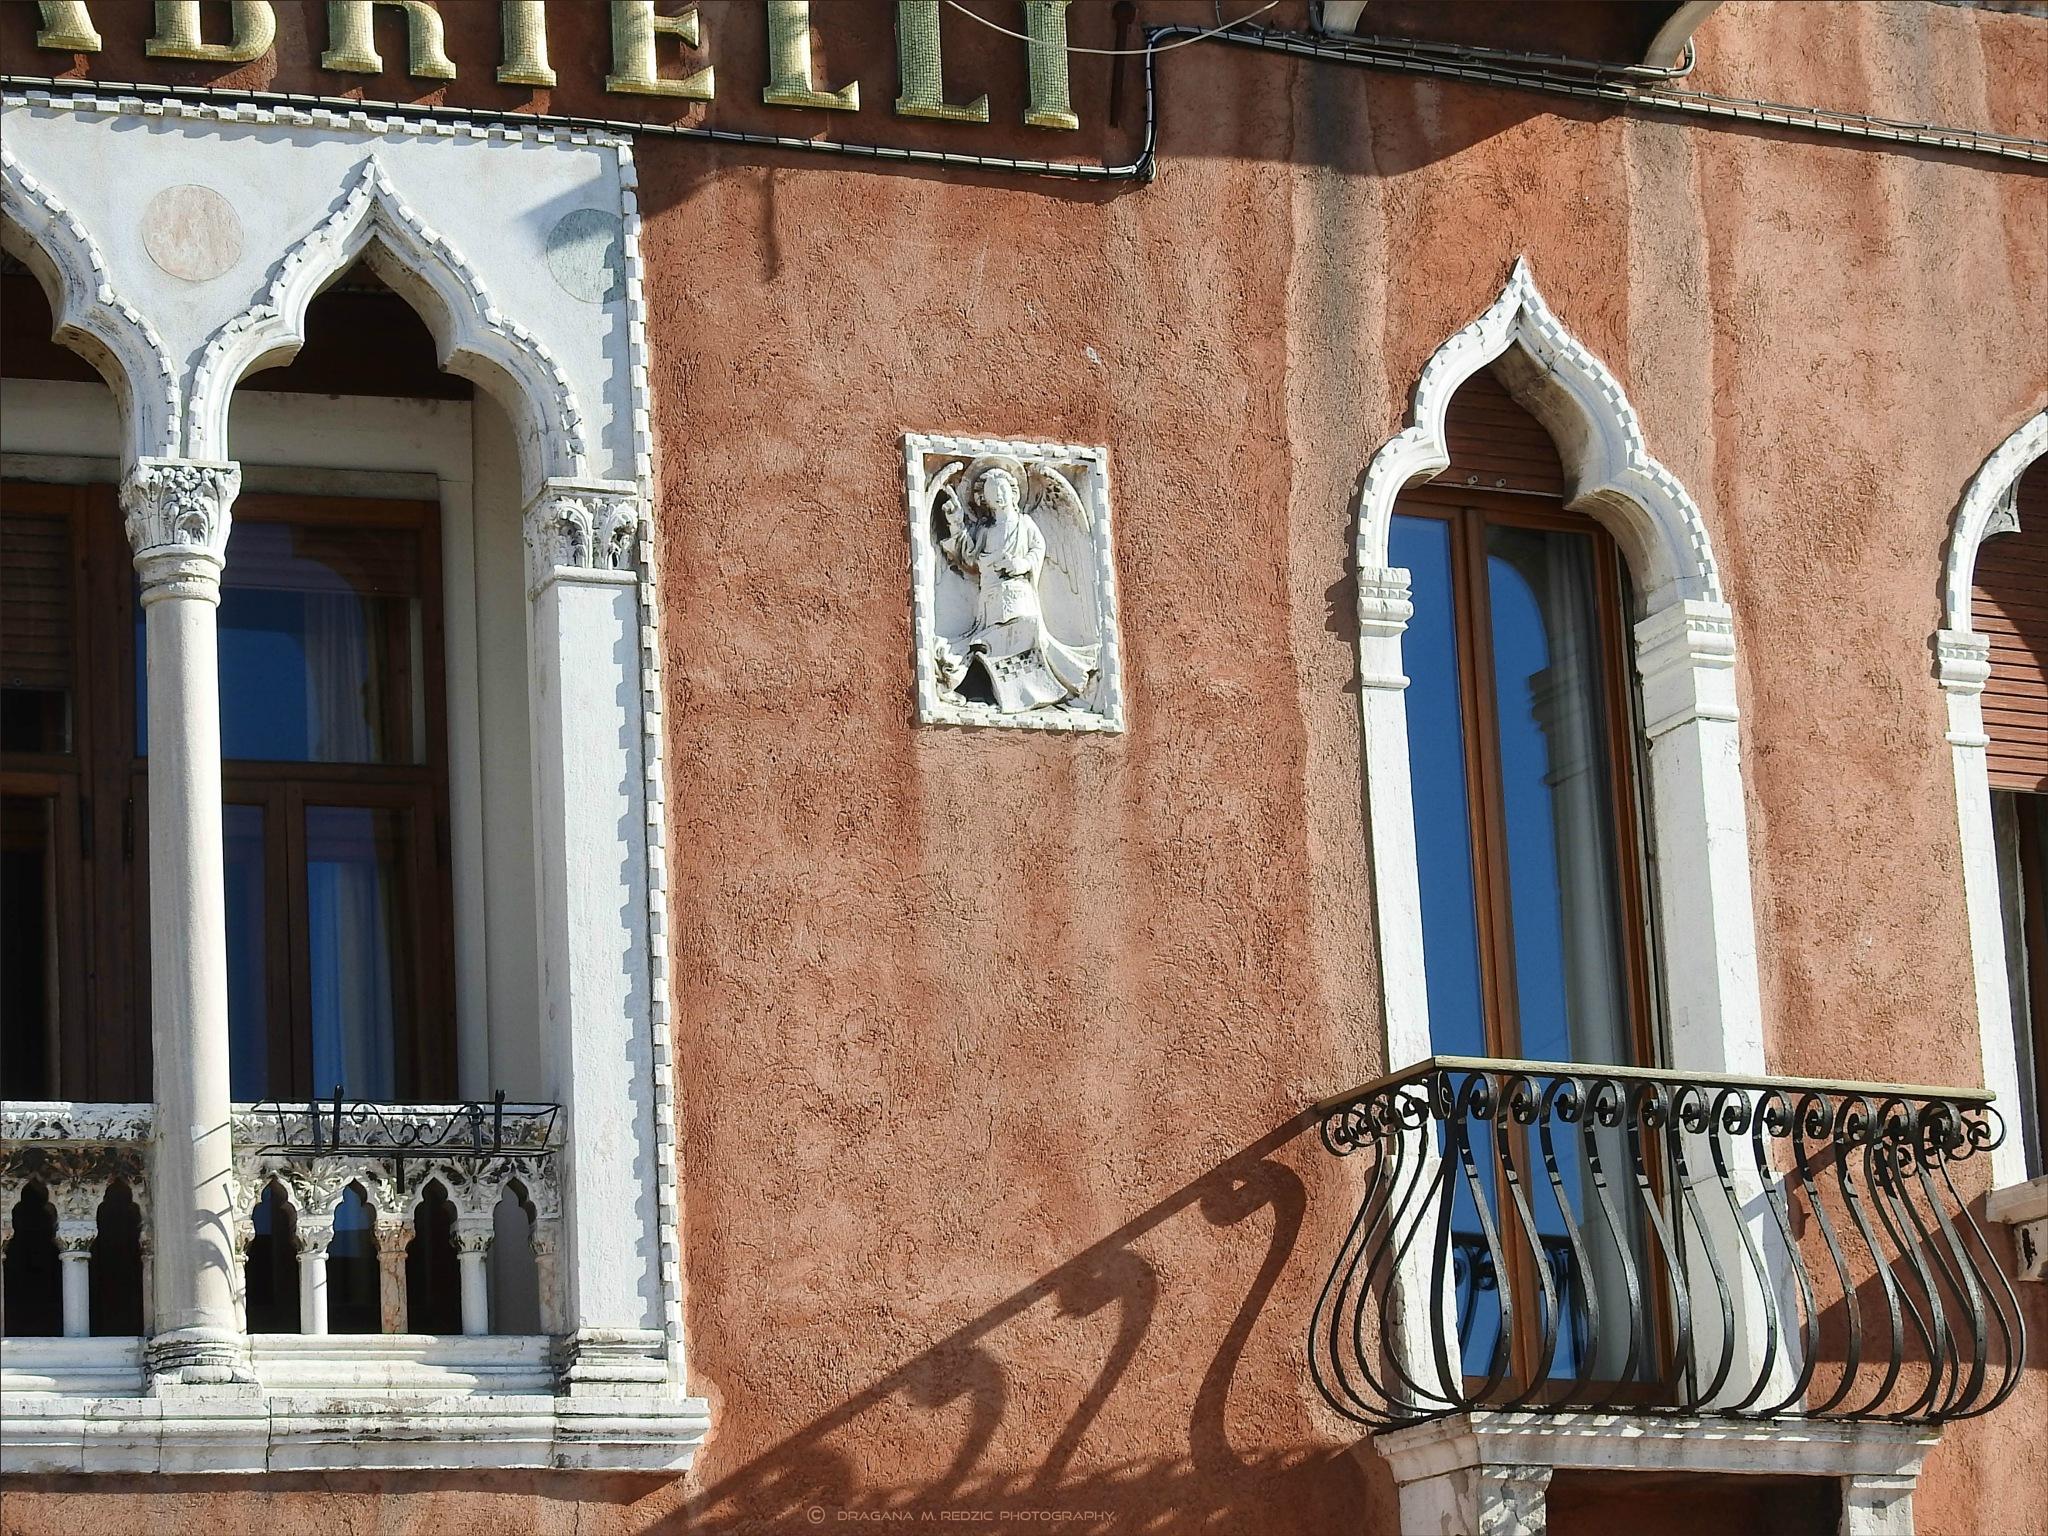 L'angelo Gabriele sulla facciata dell 'hotel - il patron dell' hotel by Драгана М. Реџић